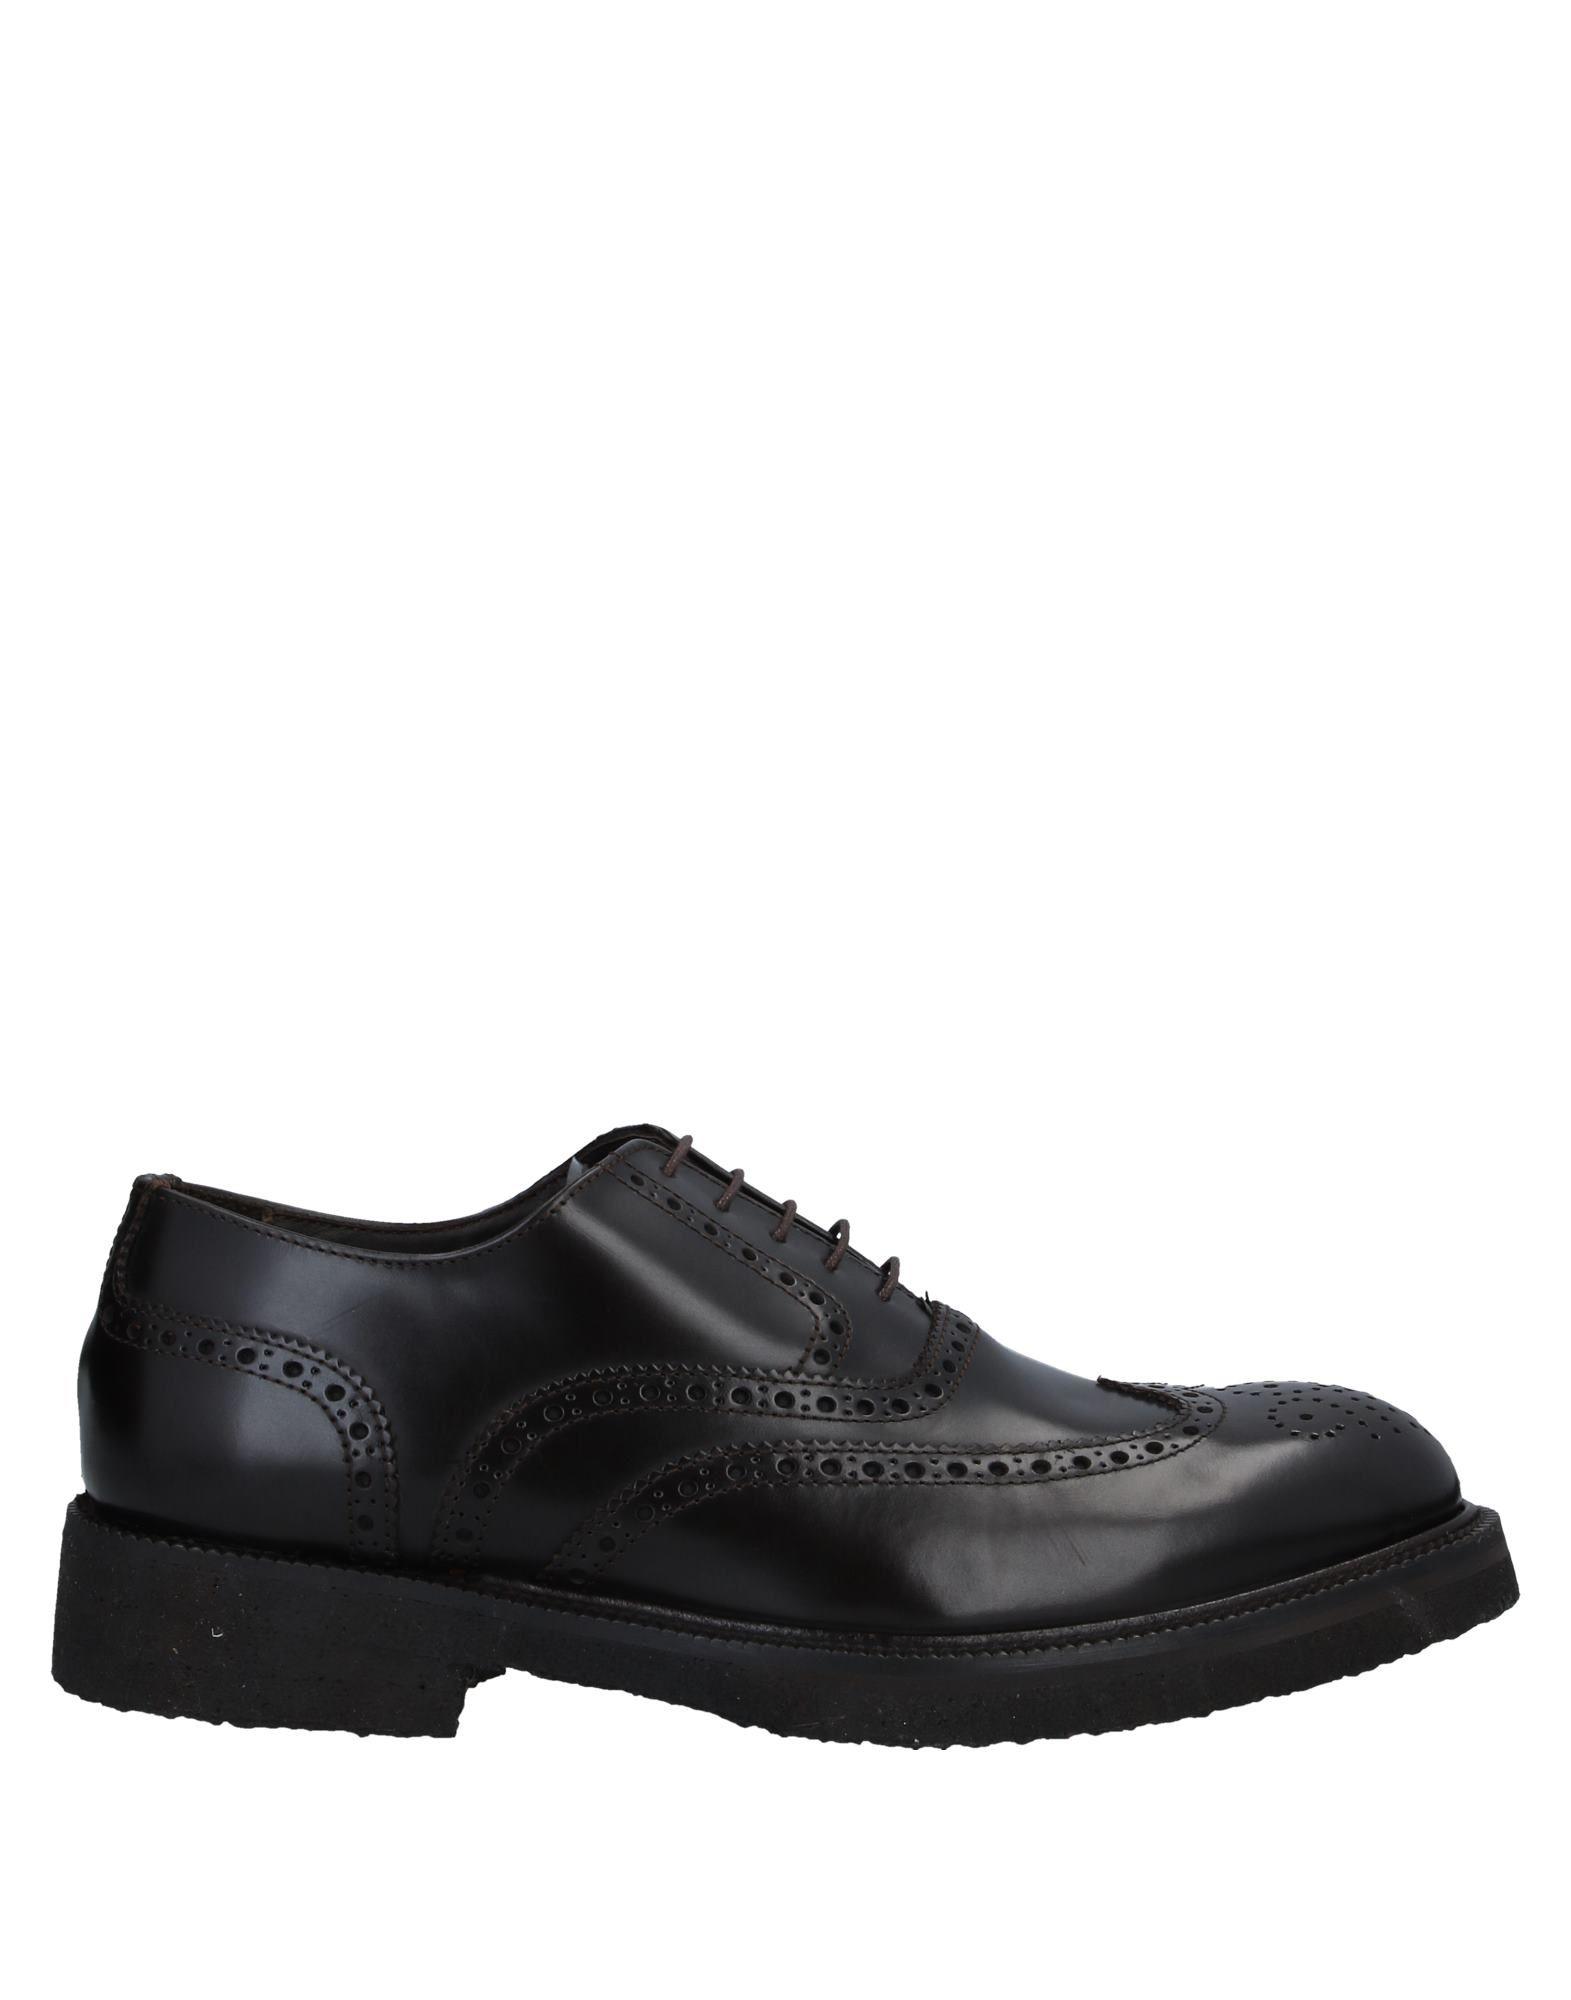 купить обувь коламбия в интернет магазине недорого